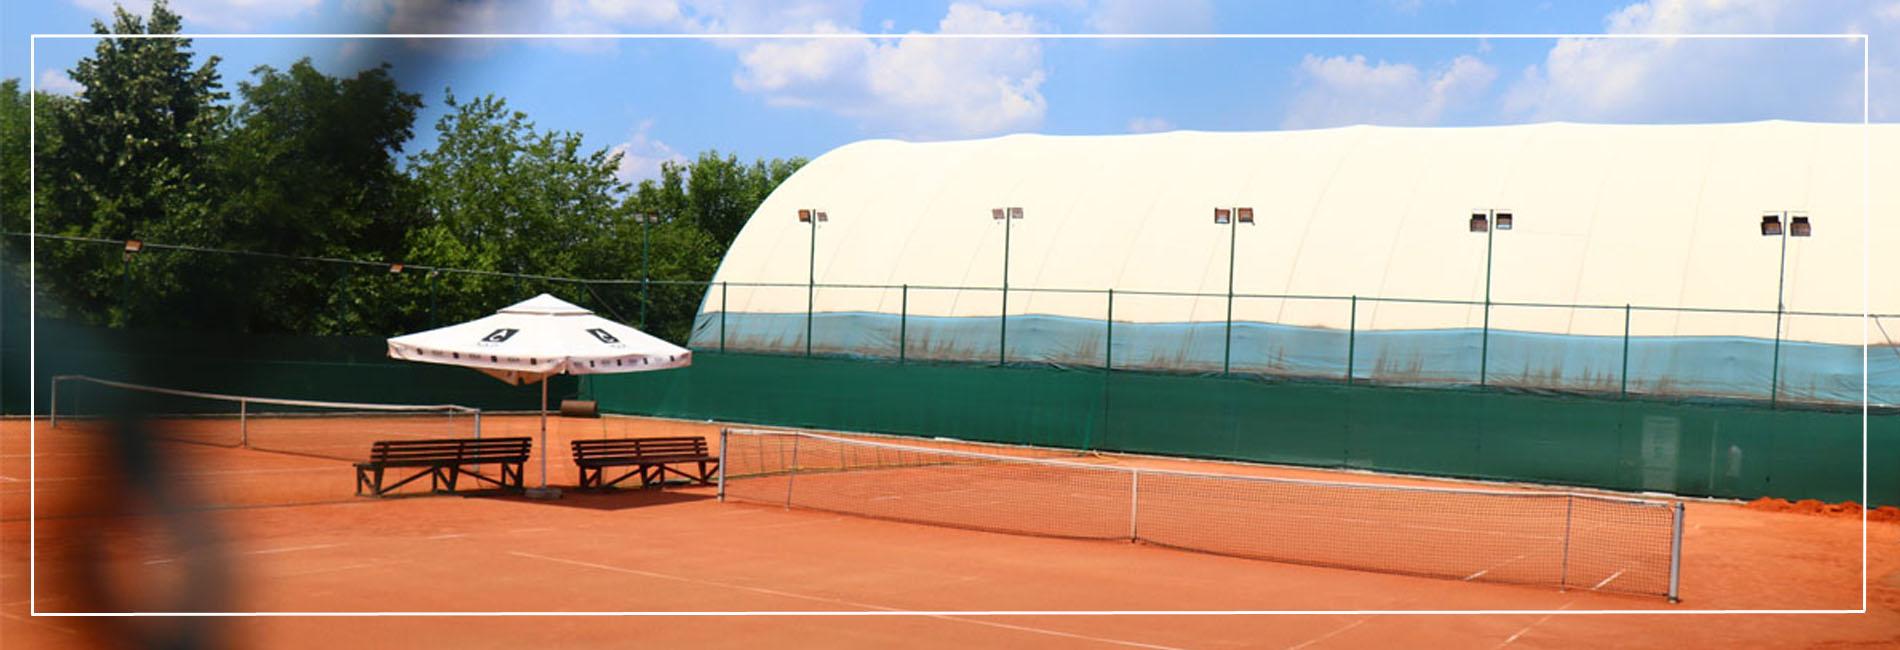 teren-de-tenis-pe-zgura